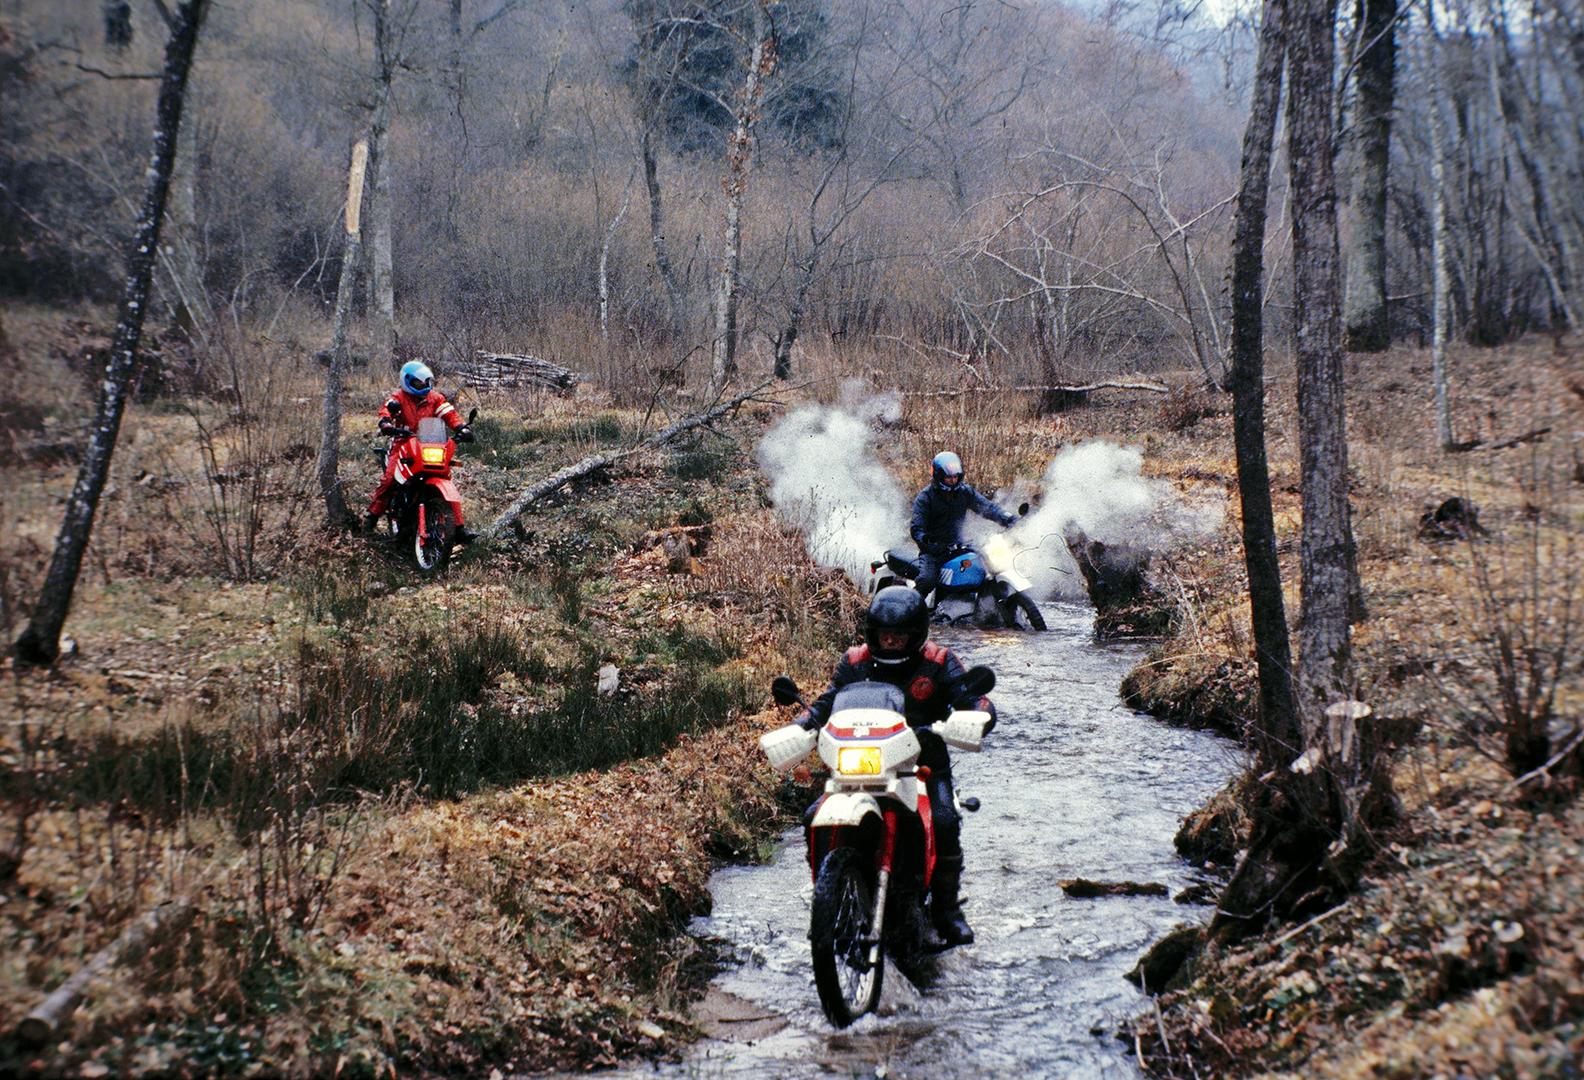 1987 Off-road test riding for Moto Magazine. I am riding the smoking blue bike, a BMW R80GS (800cc)